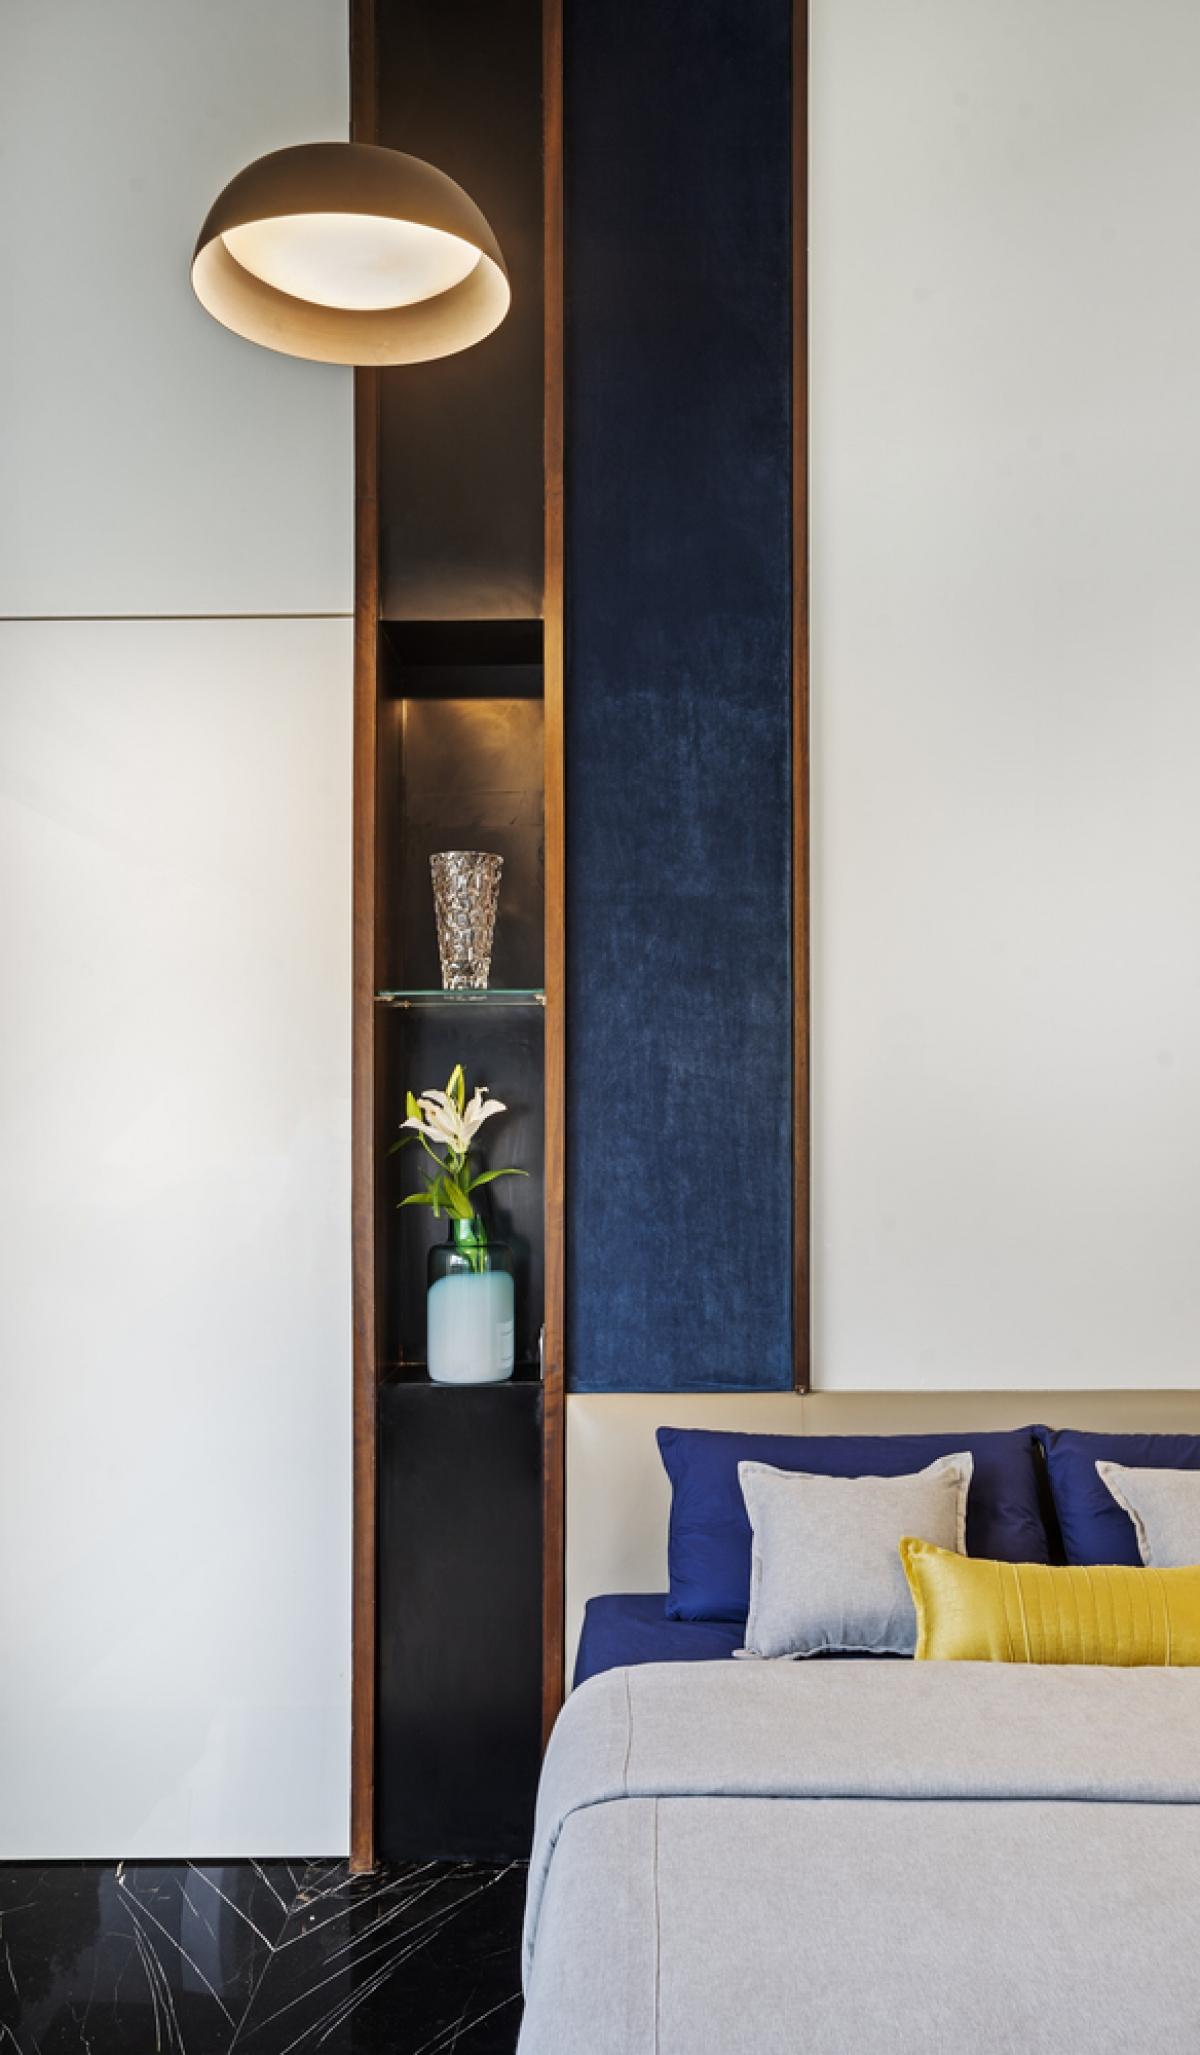 Khe tủ đặt giữa tường tăng yếu tố thẫm mỹ và là nơi lưu trữ đồ tiện nghi.